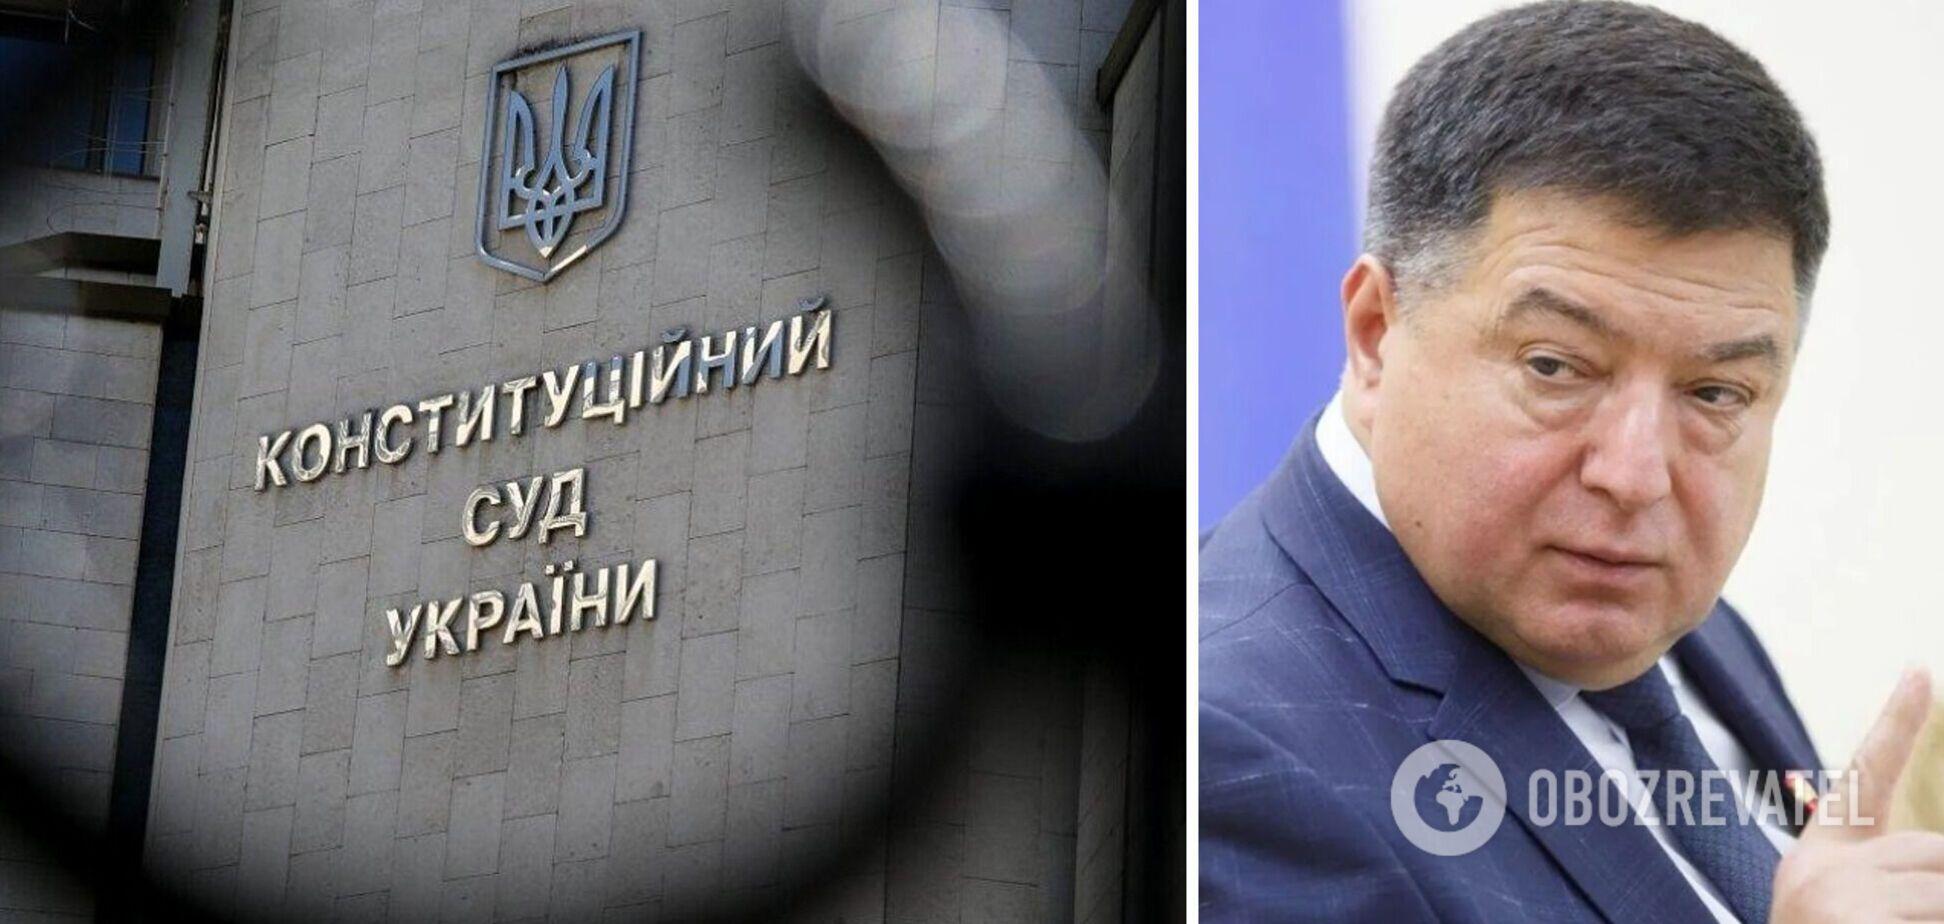 Зеленський відсторонив суддю Тупицького: видано указ